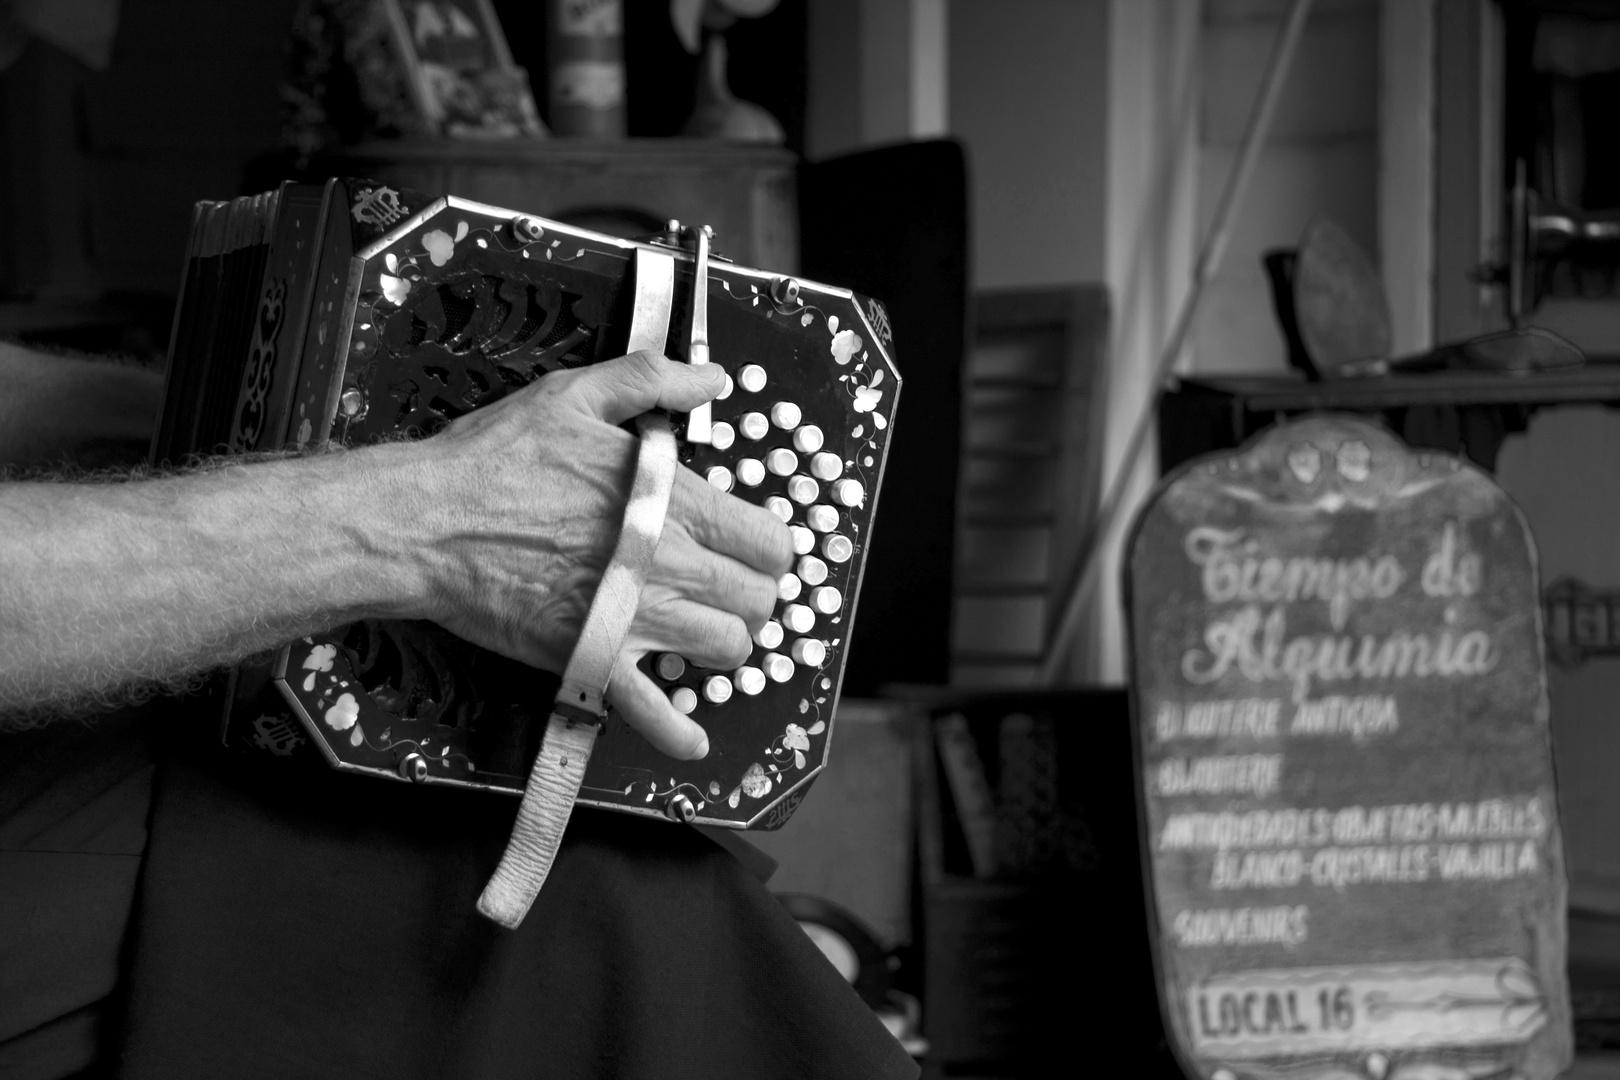 Barrio de la Boca: tiempo de alquimia... y de tangos